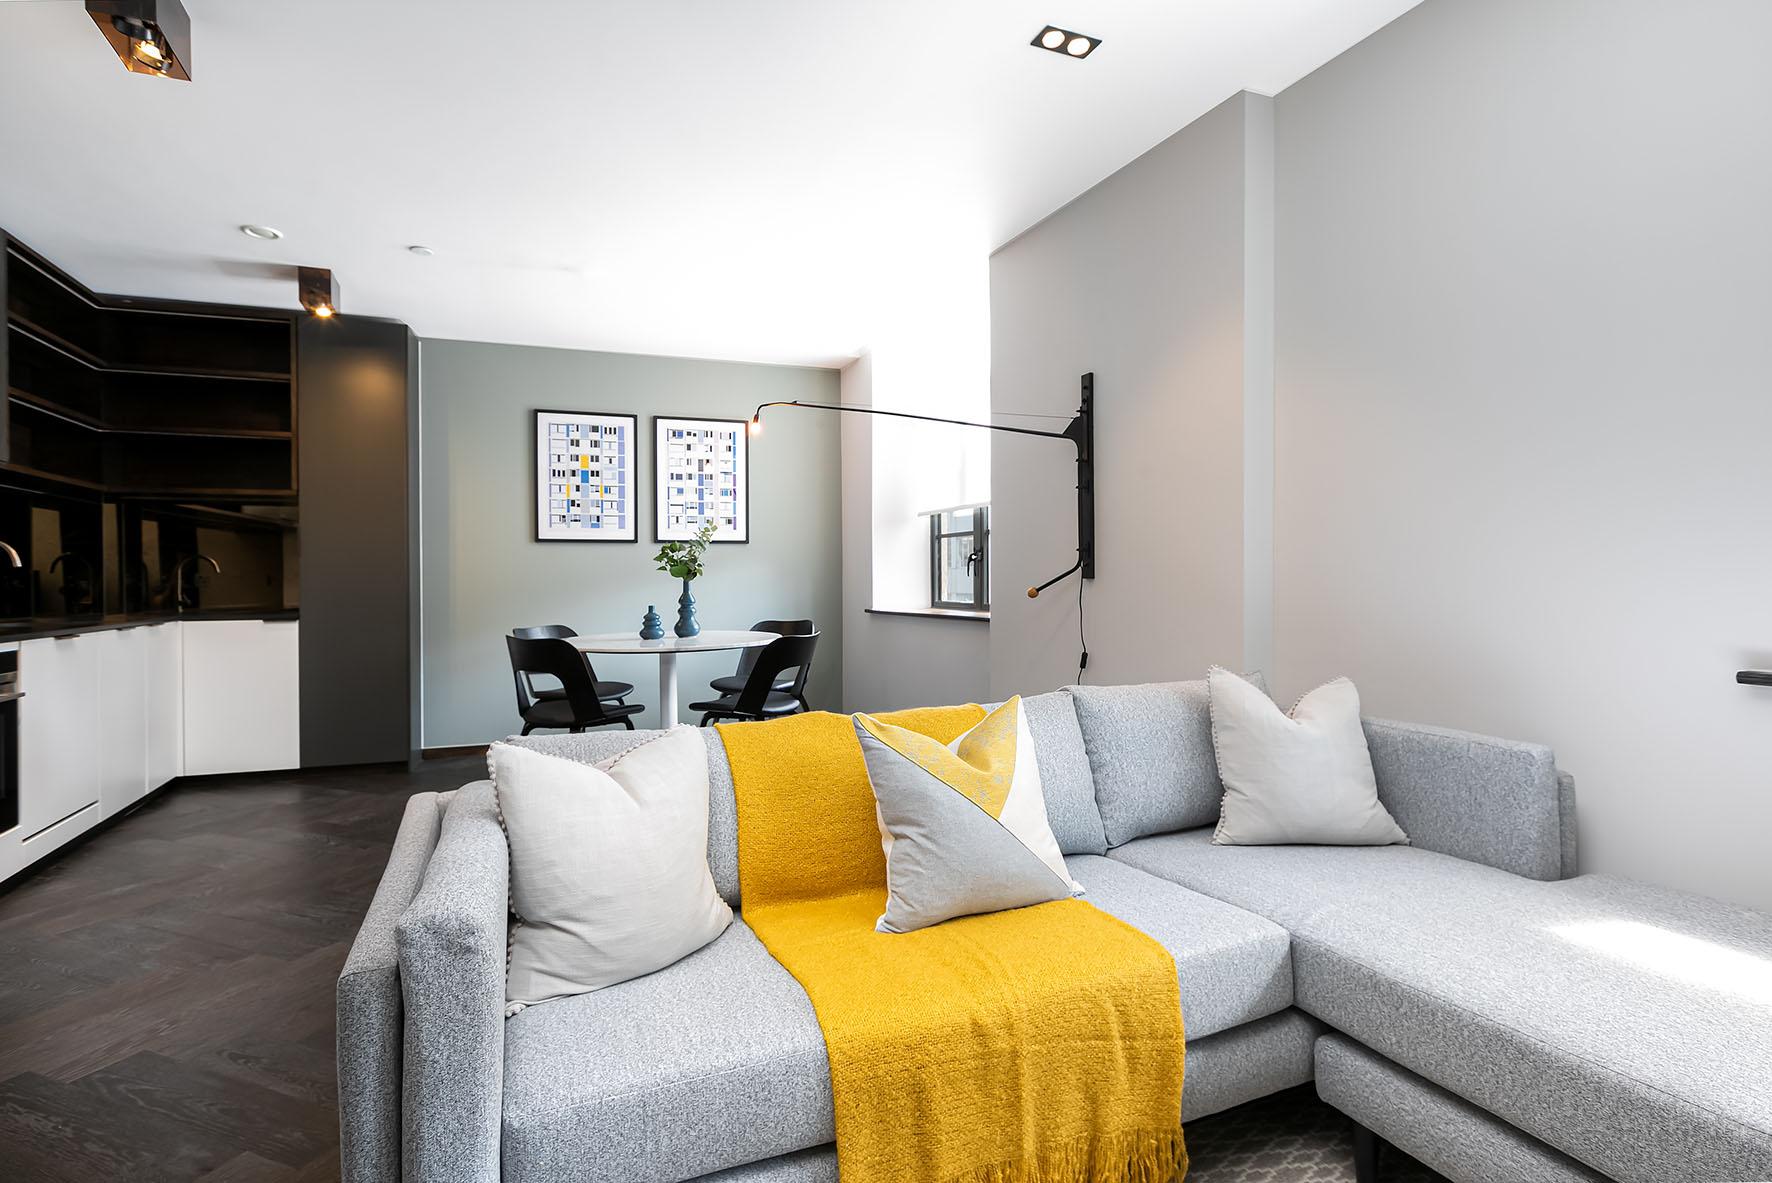 Lovelydays luxury service apartment rental - London - Soho - Oxford Street V - Lovelysuite - 1 bedrooms - 1 bathrooms - Luxury living room - 10360af0ee8f - Lovelydays